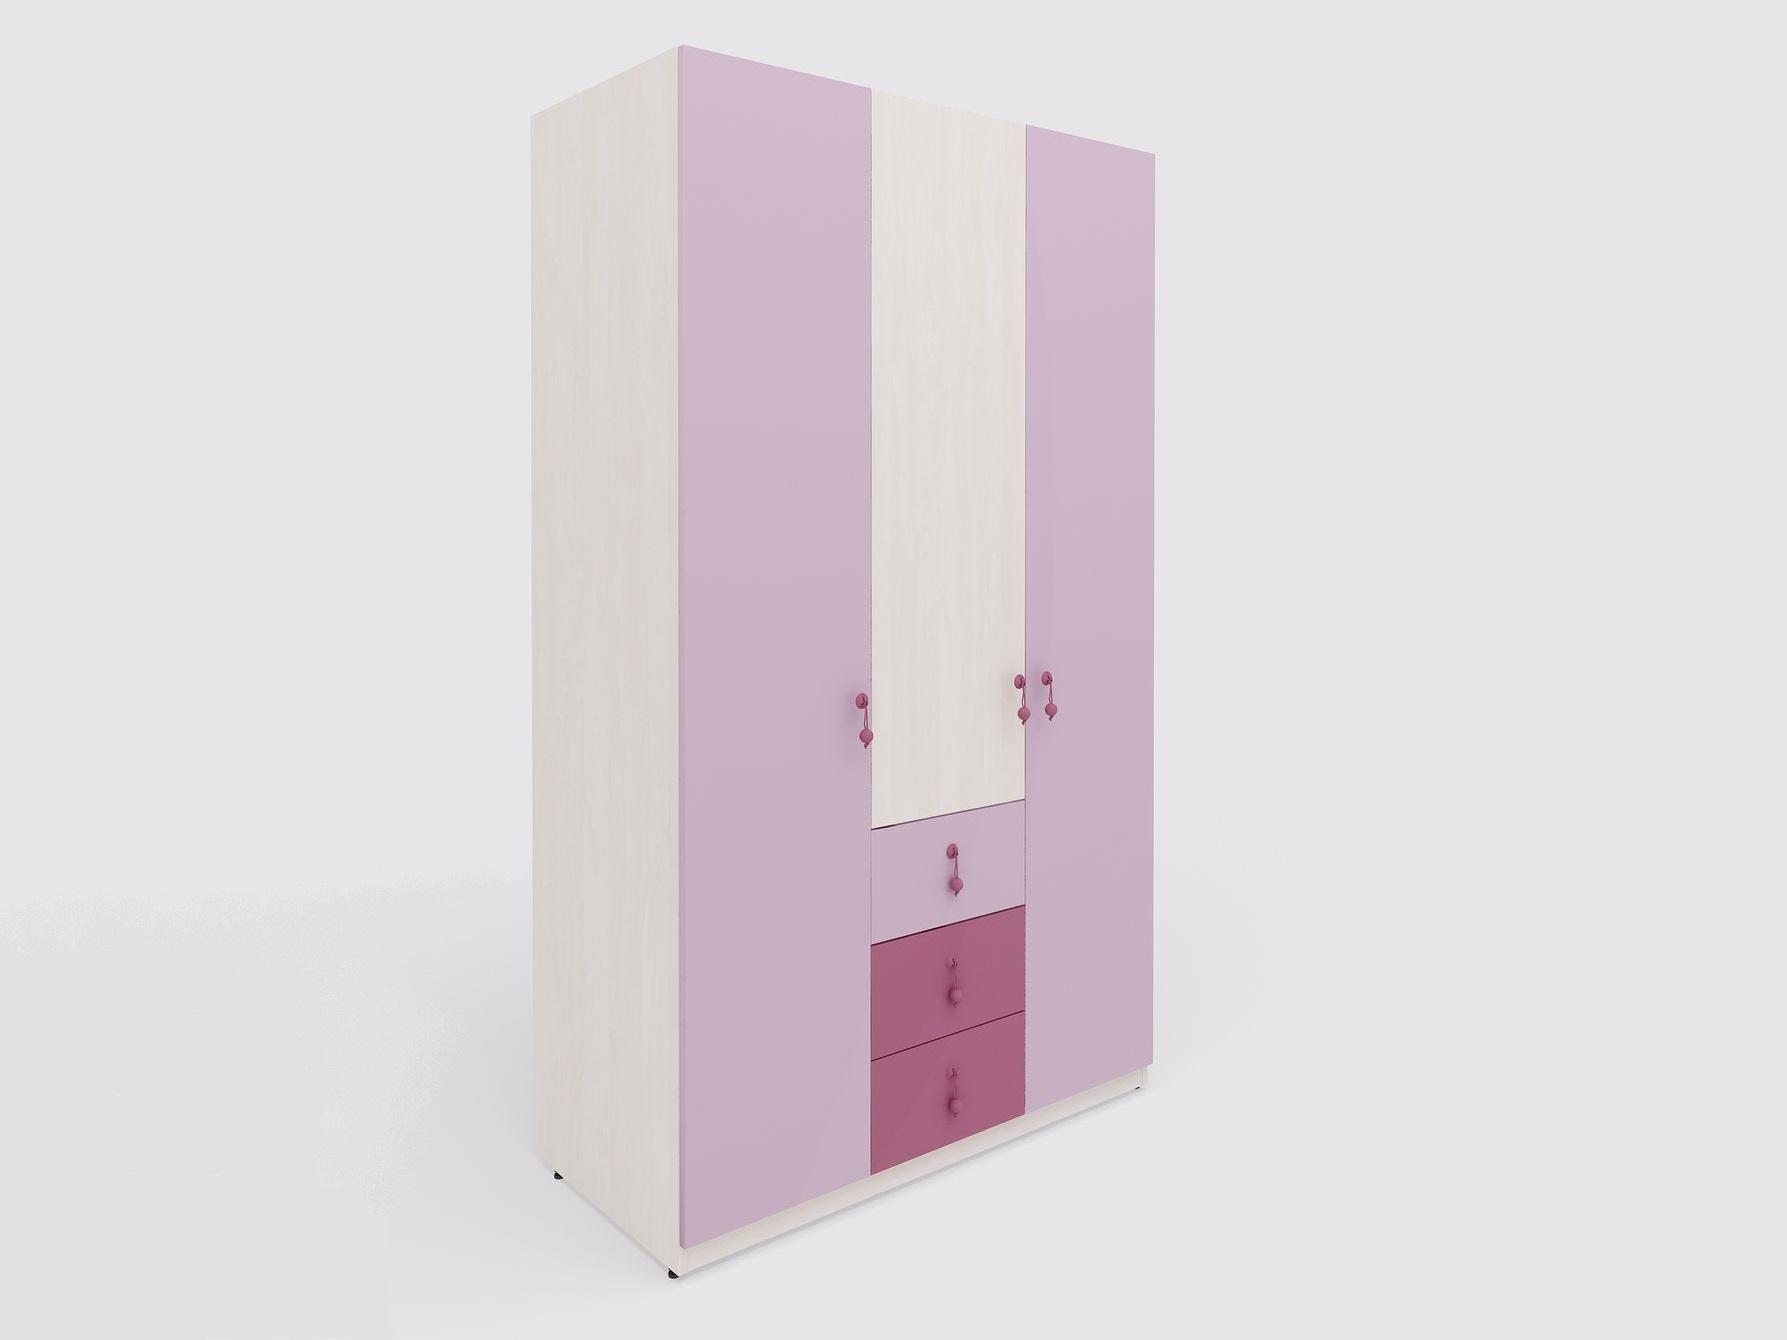 Lenza Dětská kombinovaná šatní skříň Mia 123x210x60 cm